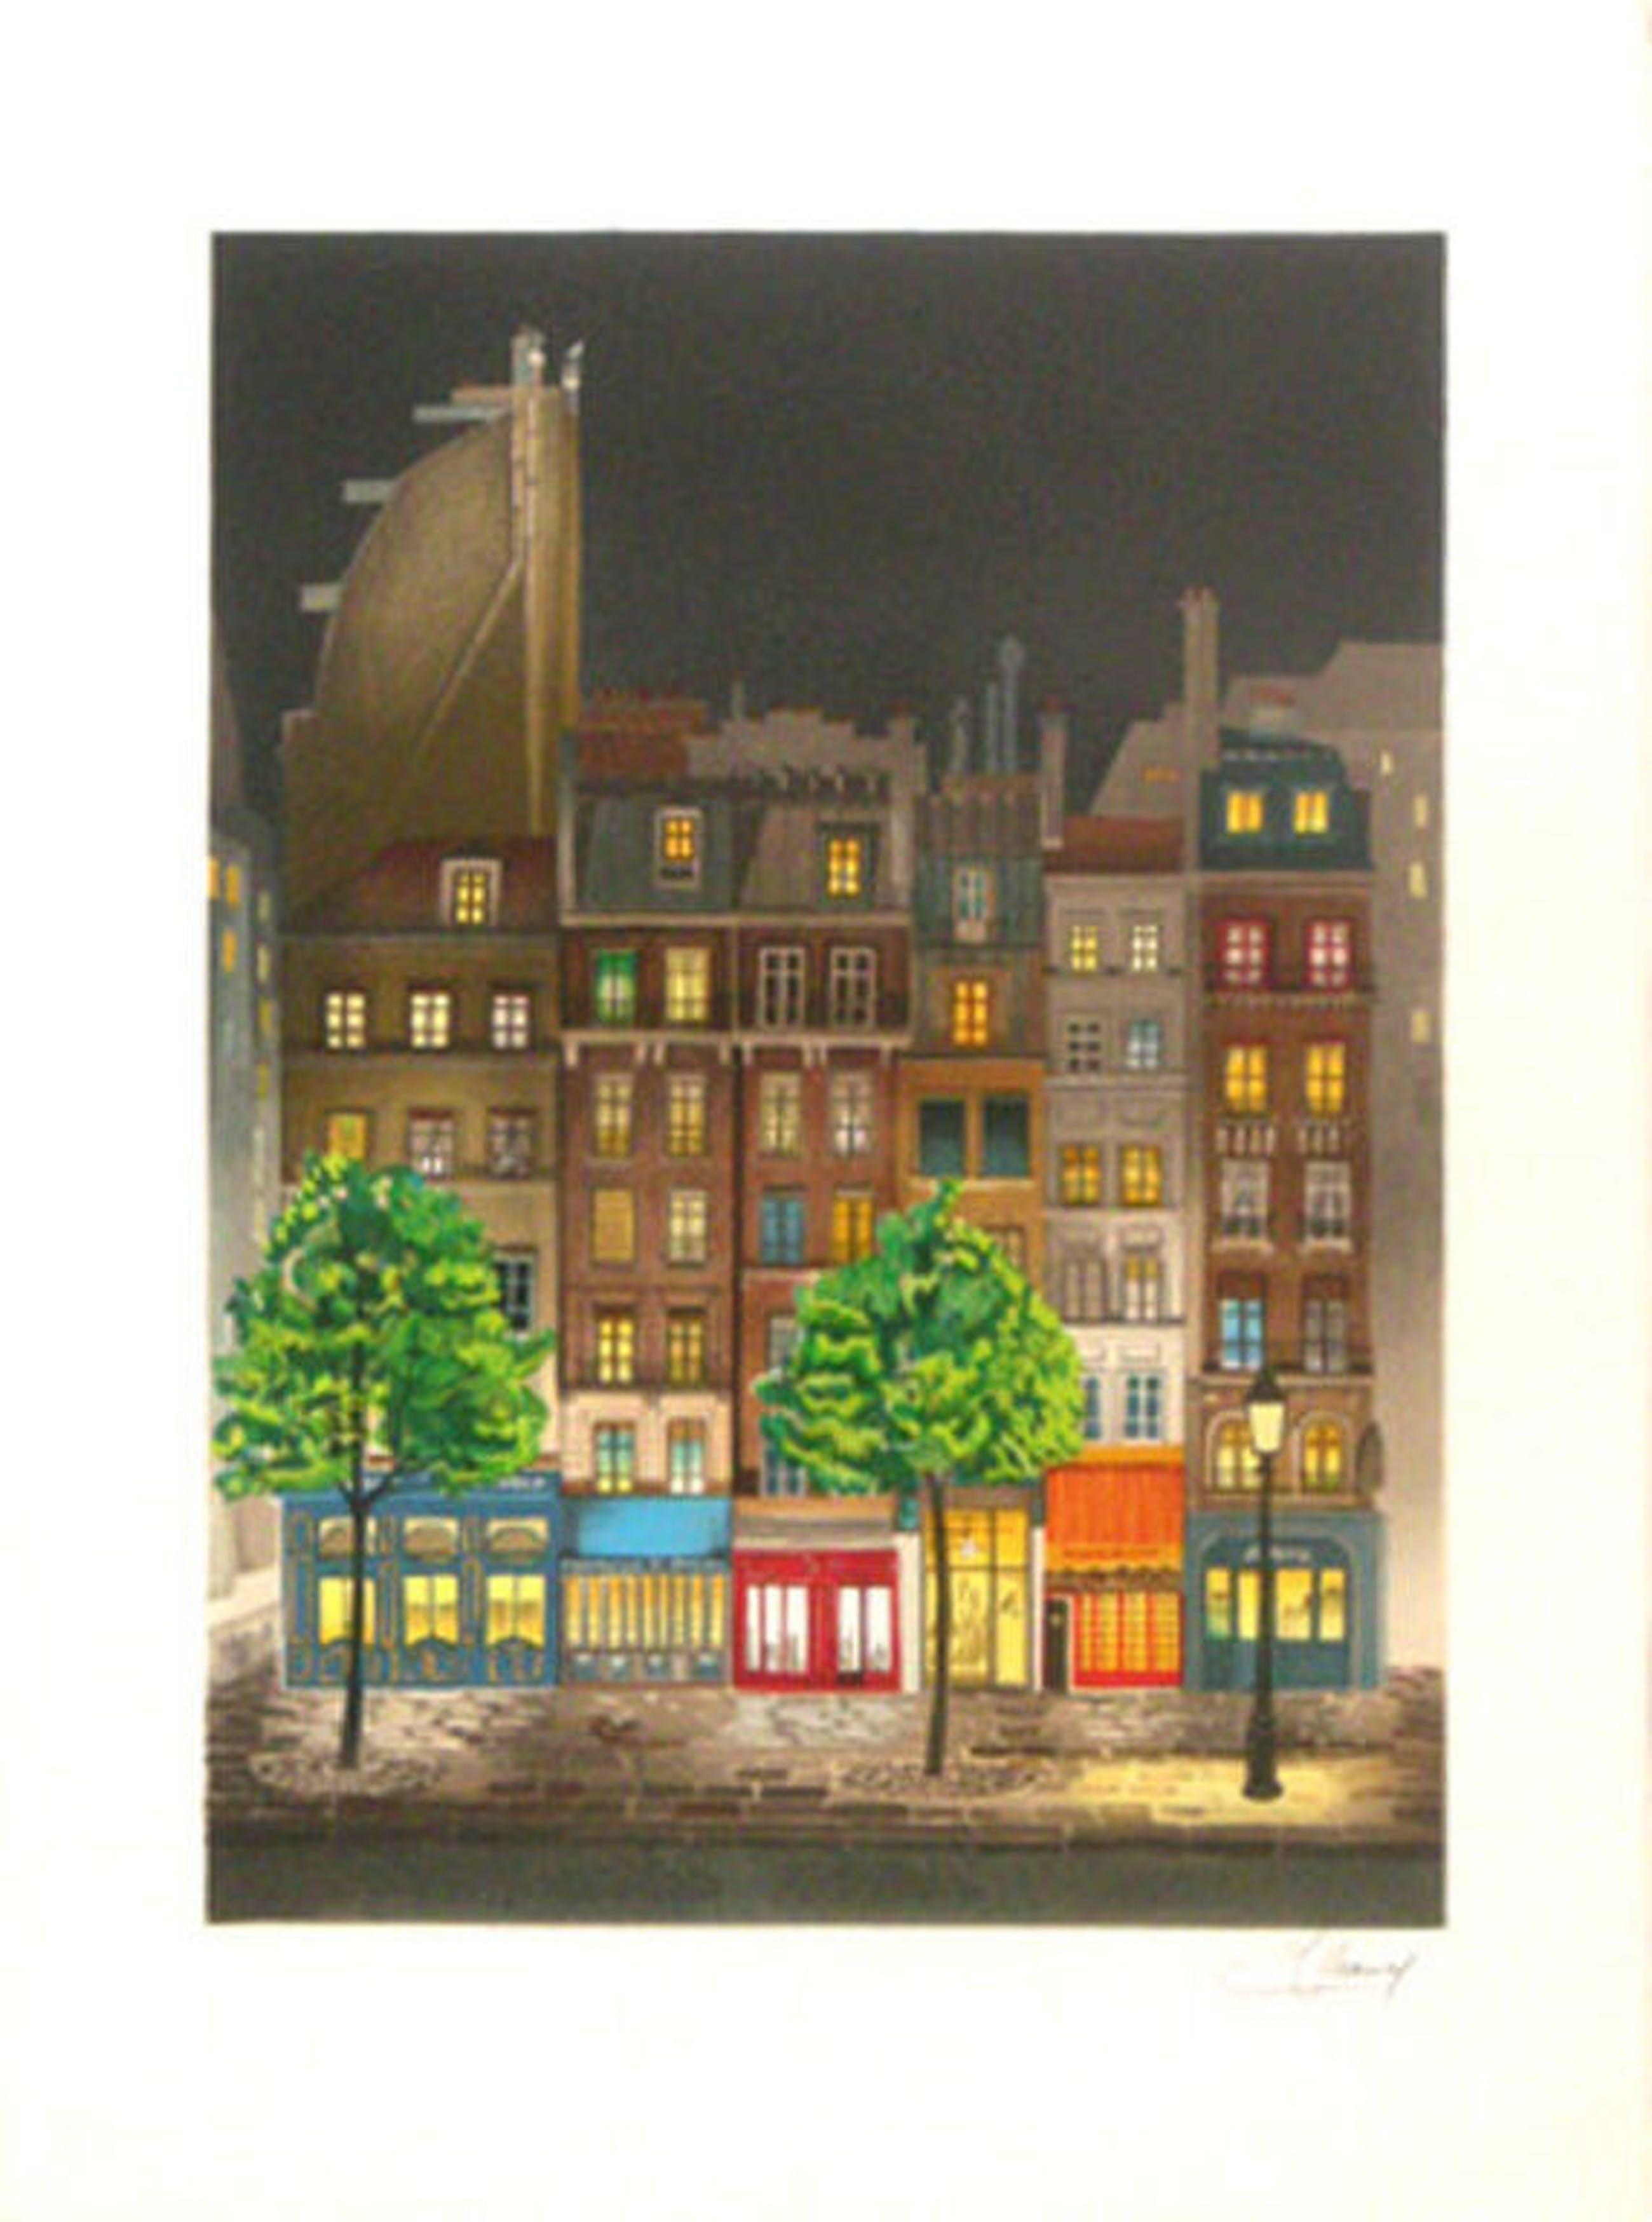 Jean Luc LECOINDRE. -Les Plantanes- Prachtig werk. Handgesigneerd/Genummerd.2015 kopen? Bied vanaf 67!